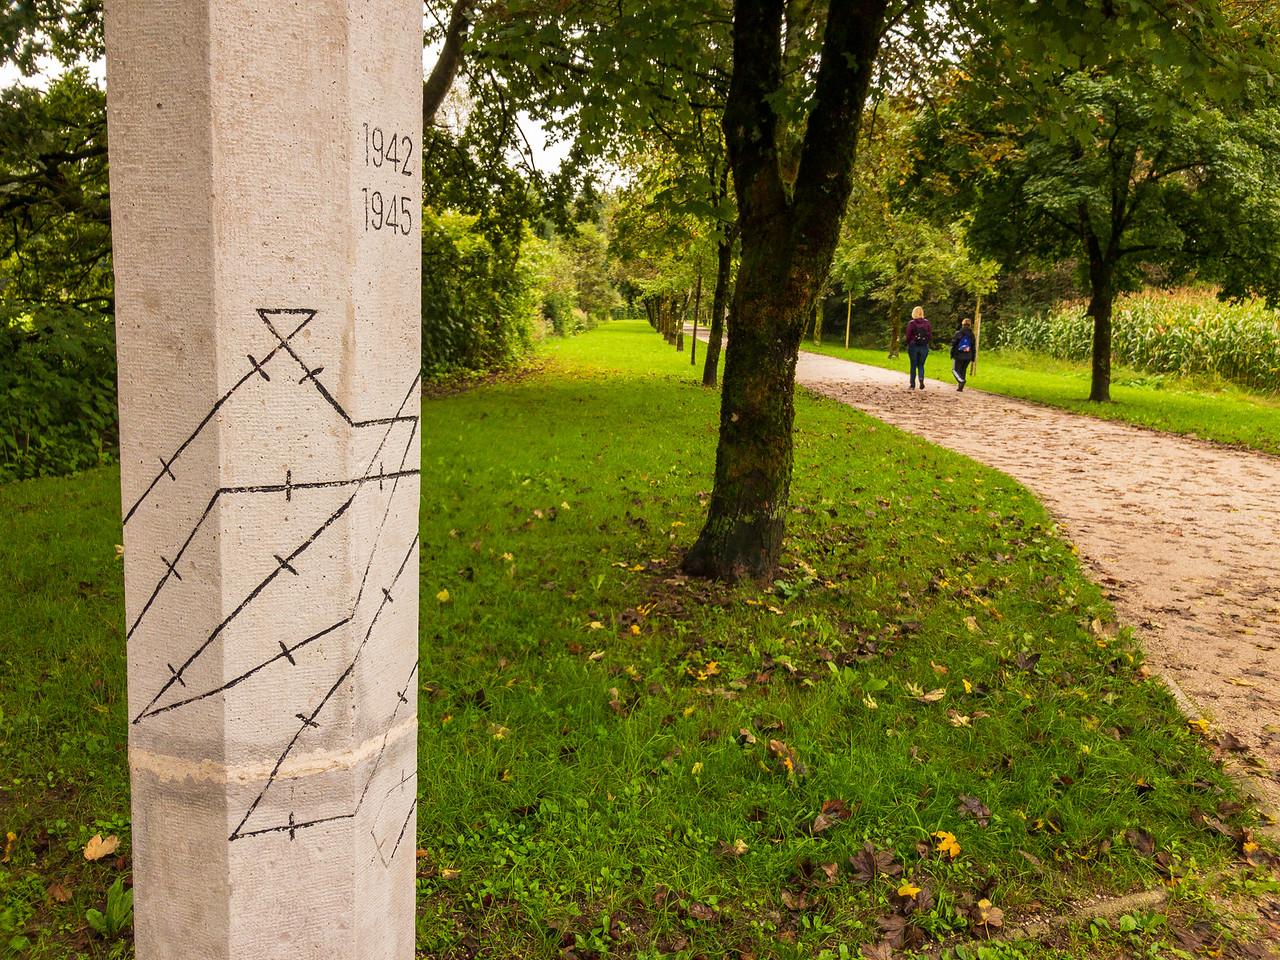 Путь памяти и товарищества в Любляне Чем заняться в Любляне, Словения Чем заняться в Любляне, Словения IMG 6251 X2